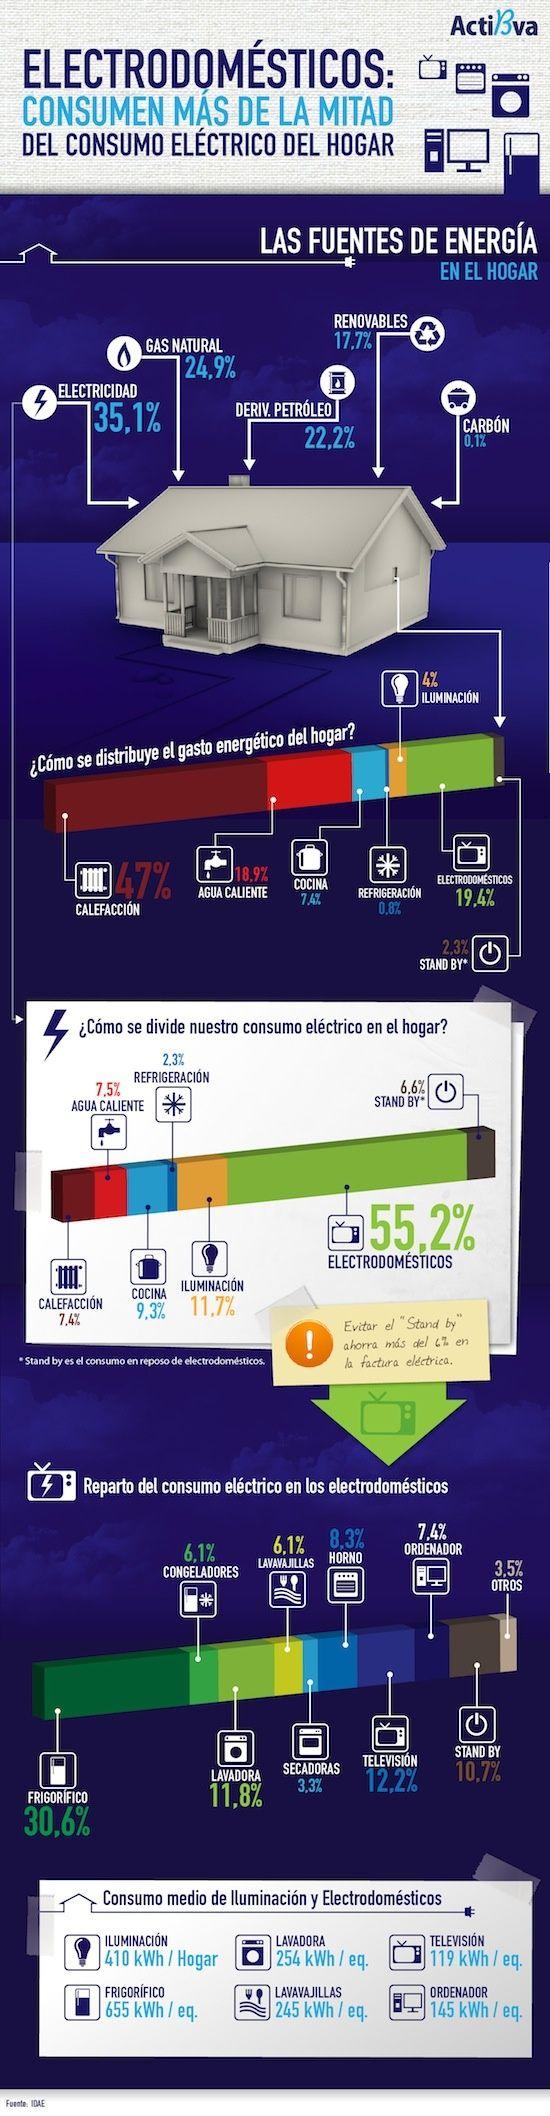 Los electrodom sticos consumen m s del 50 de la - Casas de electrodomesticos ...